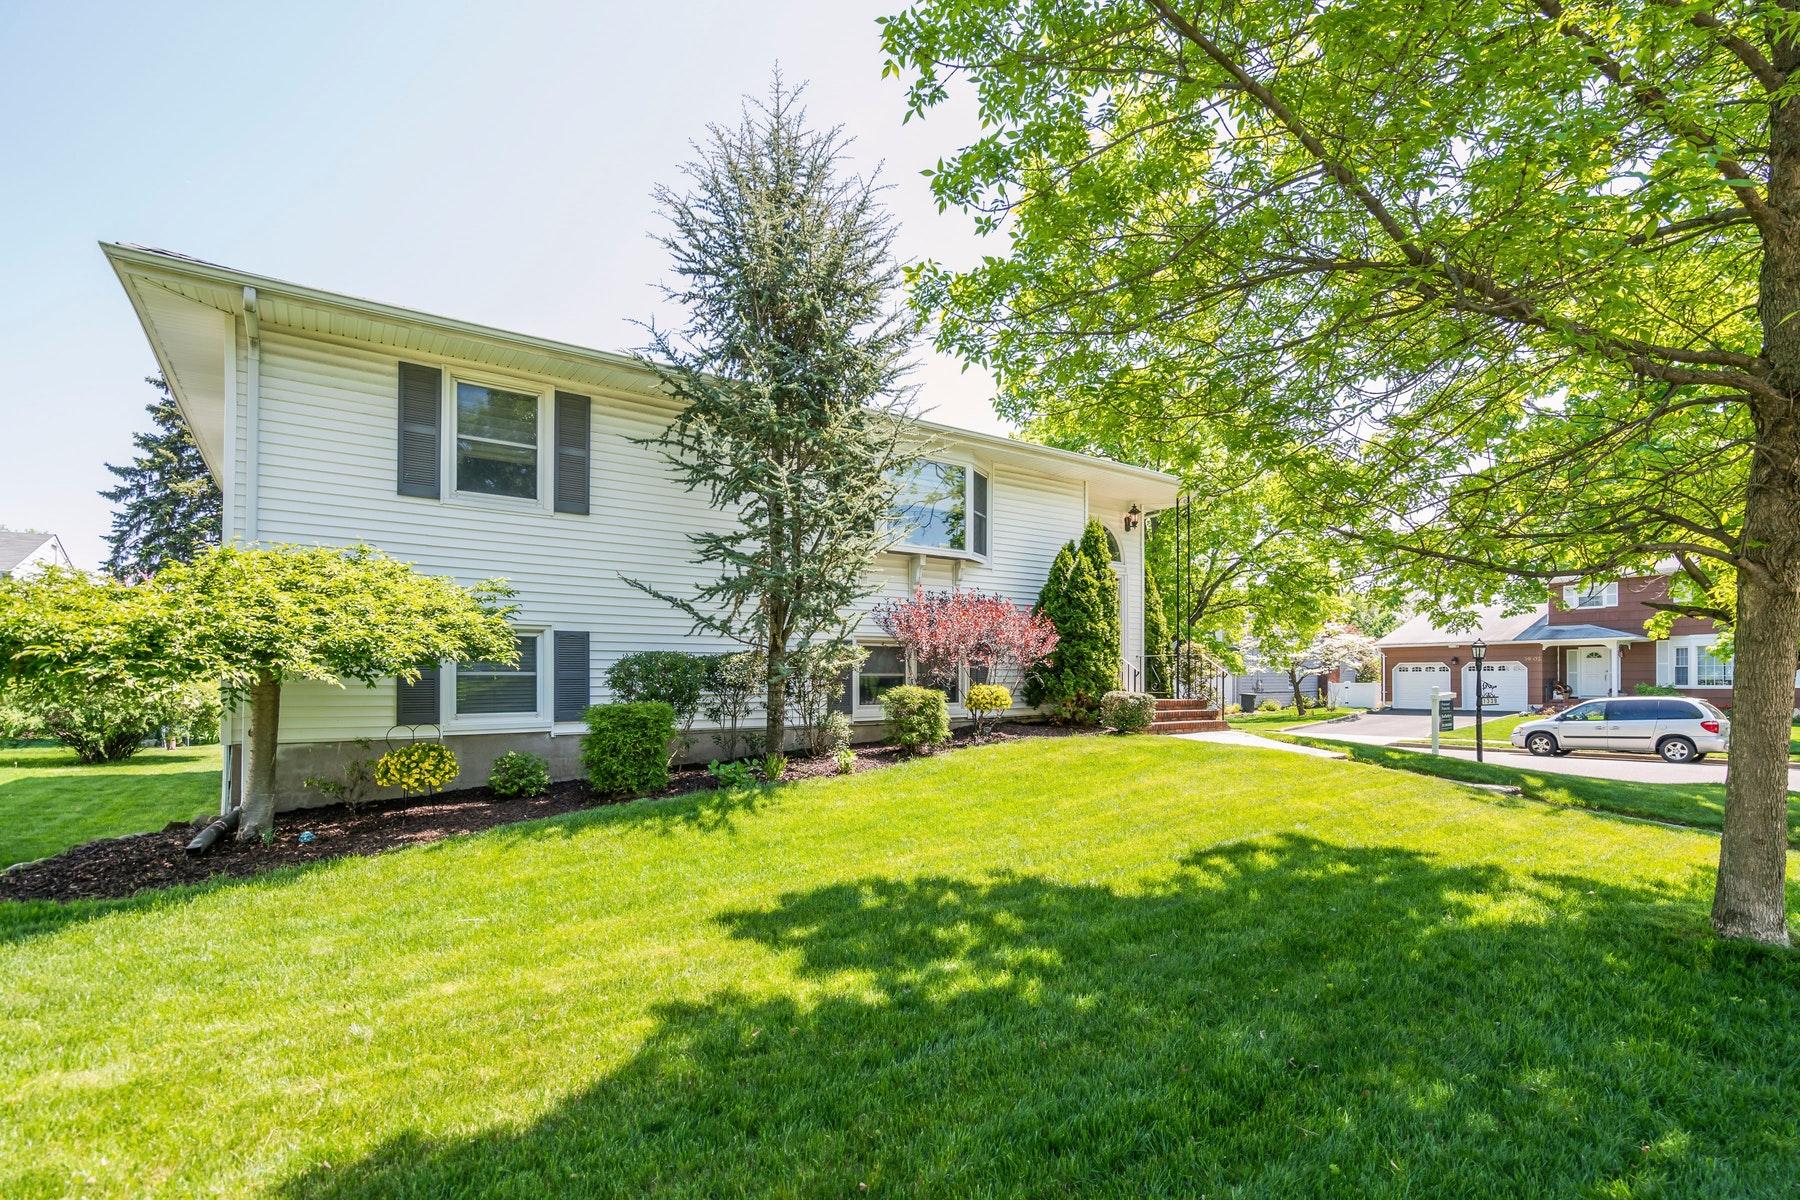 Maison unifamiliale pour l Vente à 13-39 Comerford Place 13-39 Comerford Place Fair Lawn, New Jersey 07410 États-Unis